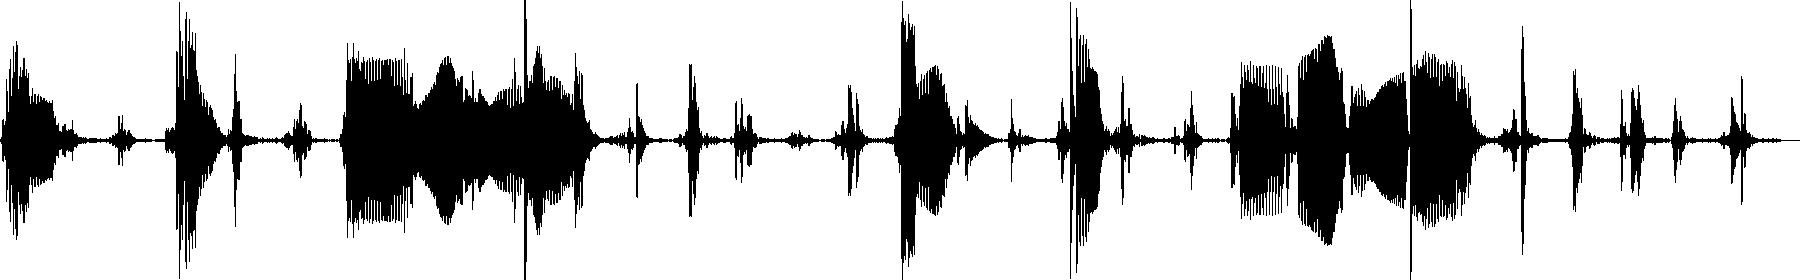 guitarfunk01 120